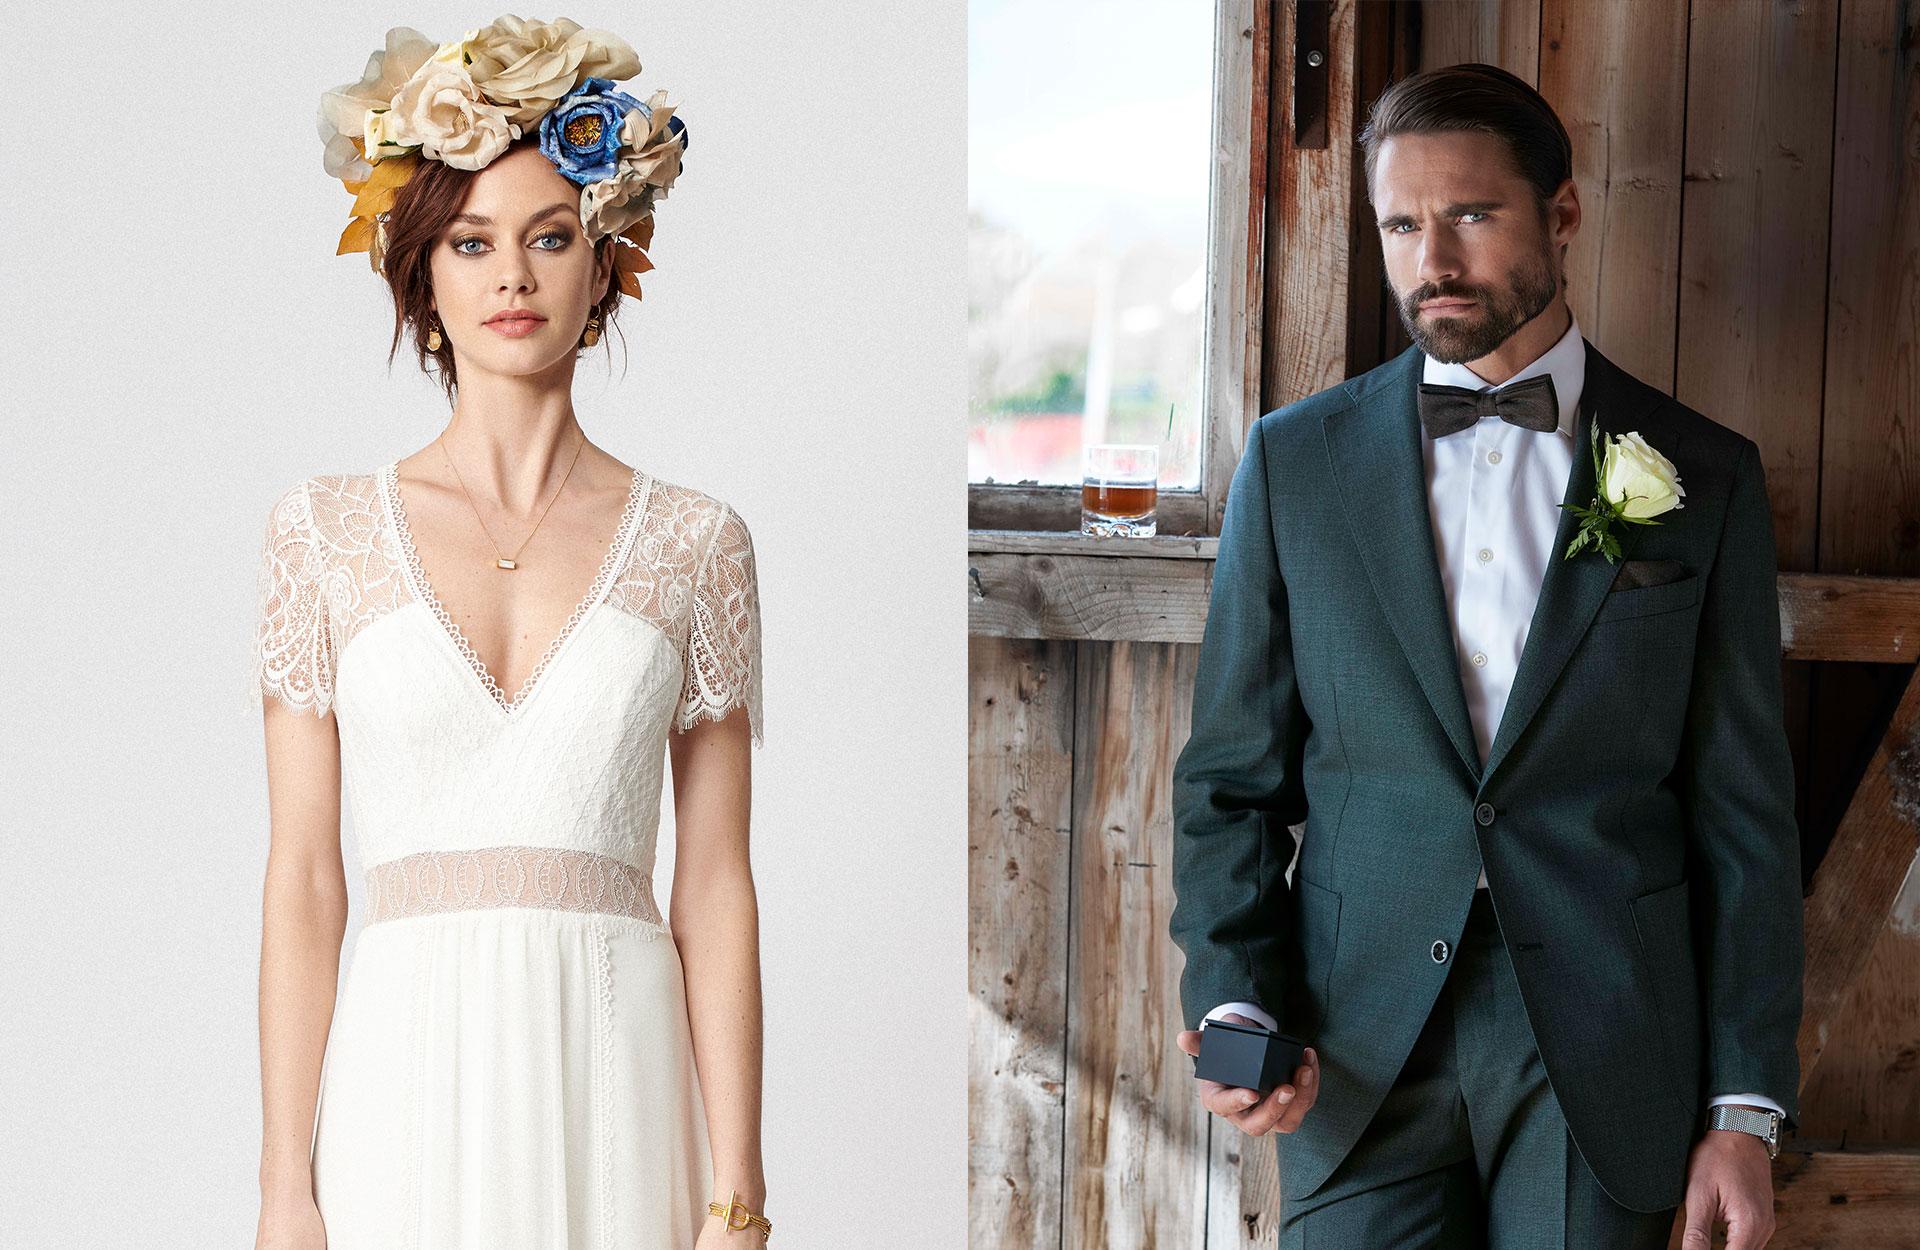 brudklänning, bröllopsklänning, herrkläder